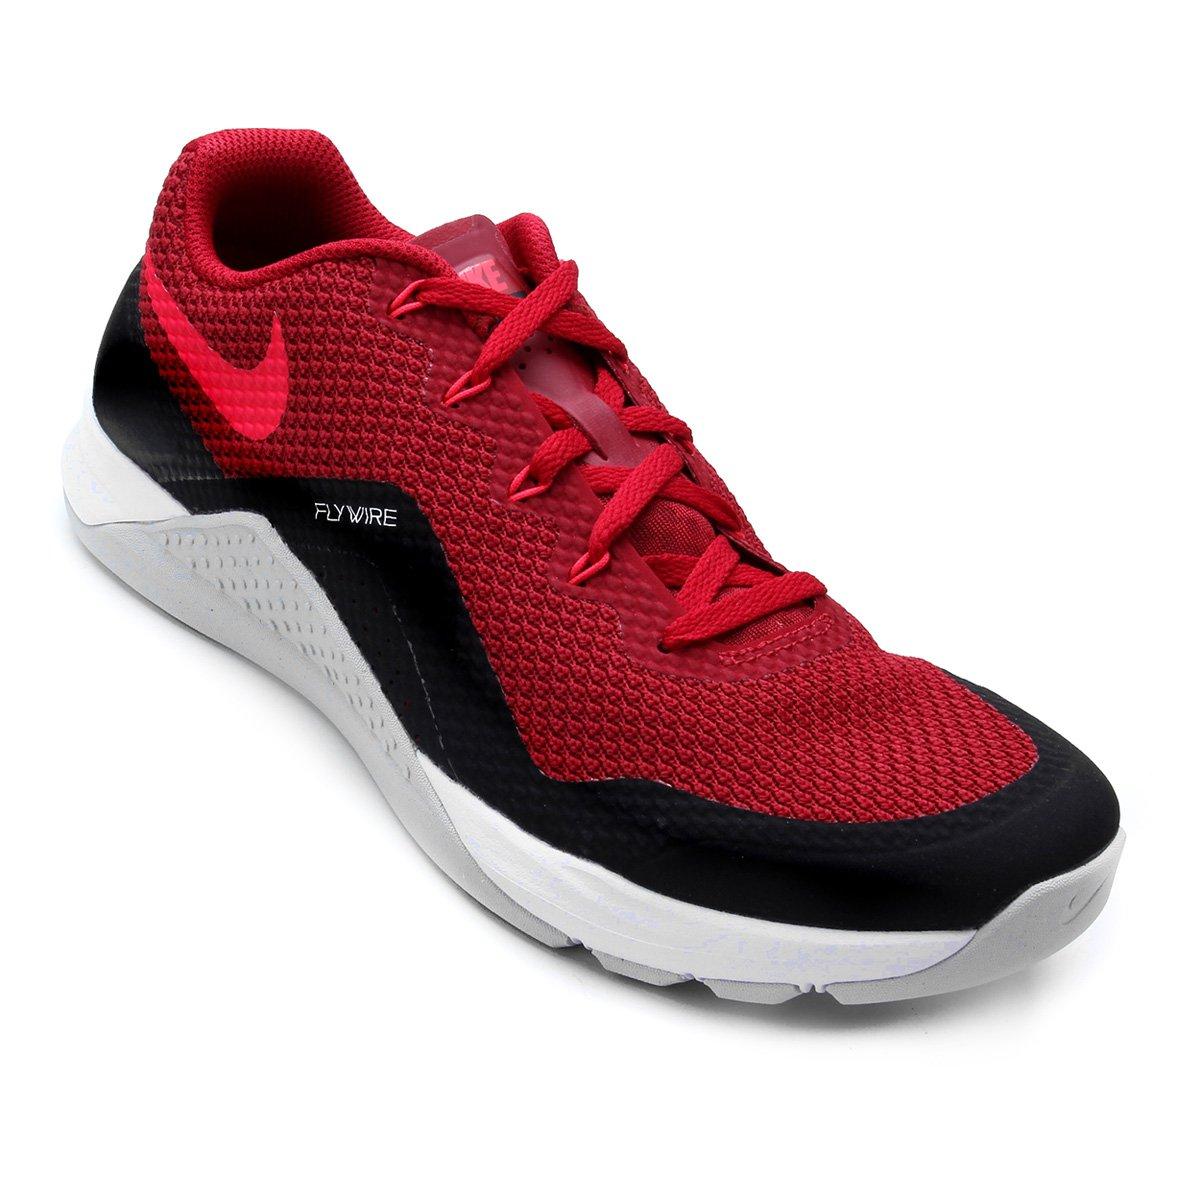 ef8b9852485 Tênis Nike Metcon Repper Dsx Masculino - Vermelho e Branco - Compre Agora